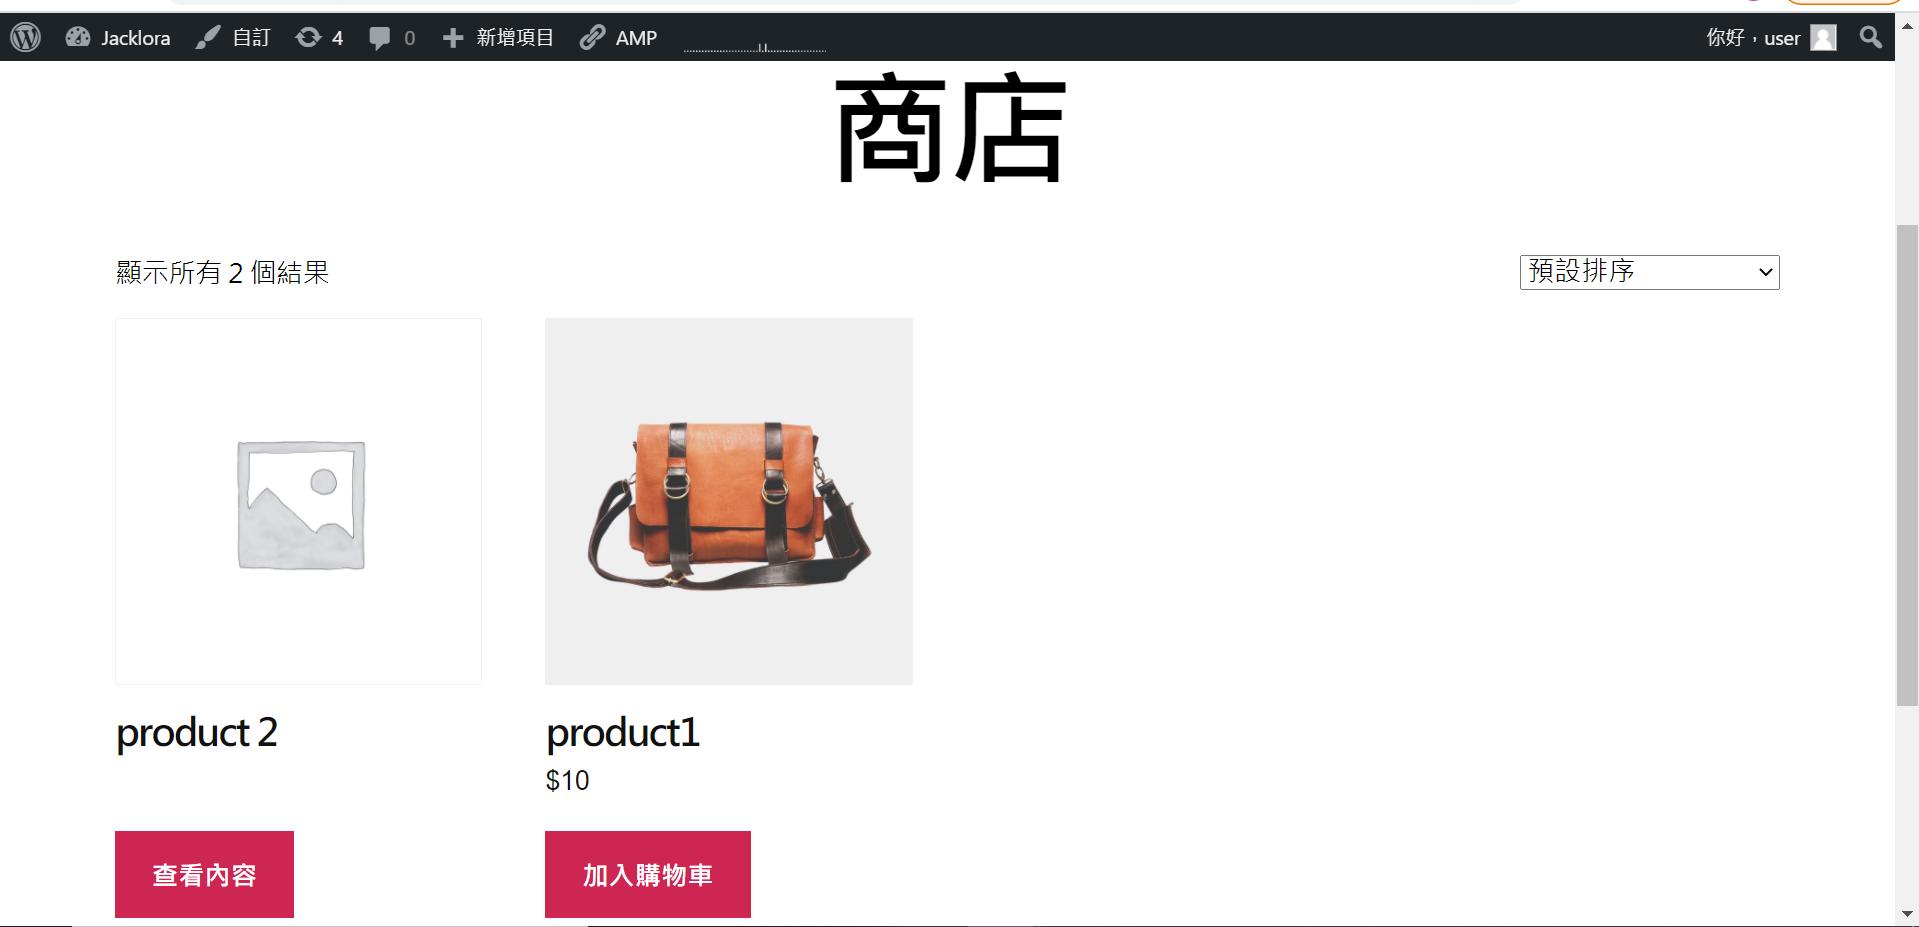 外贸网站搭建教程 - WooCommerce设置页面展示